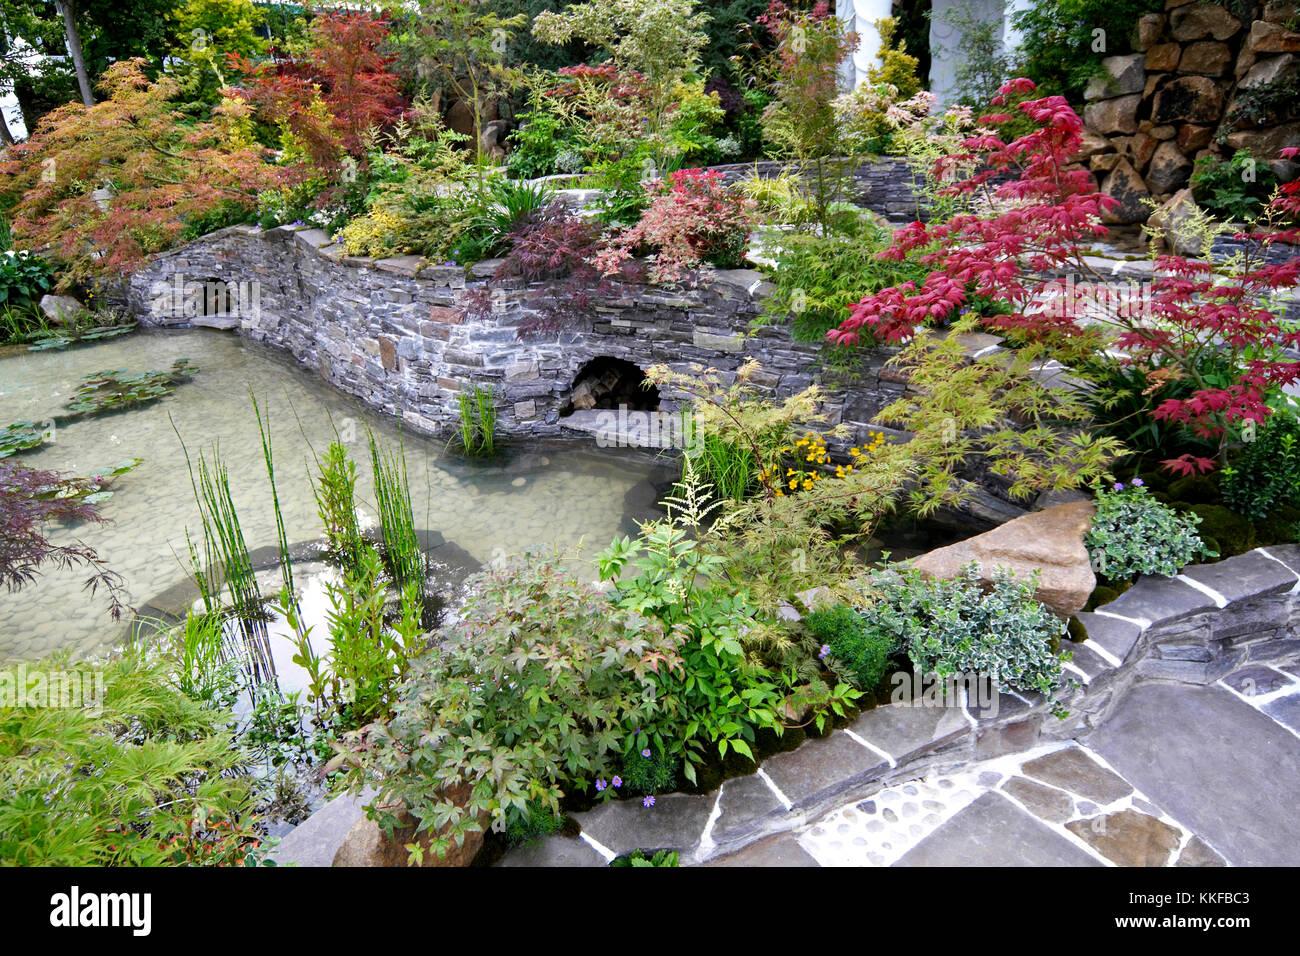 Japanese Water Garden Design - [peenmedia.com]